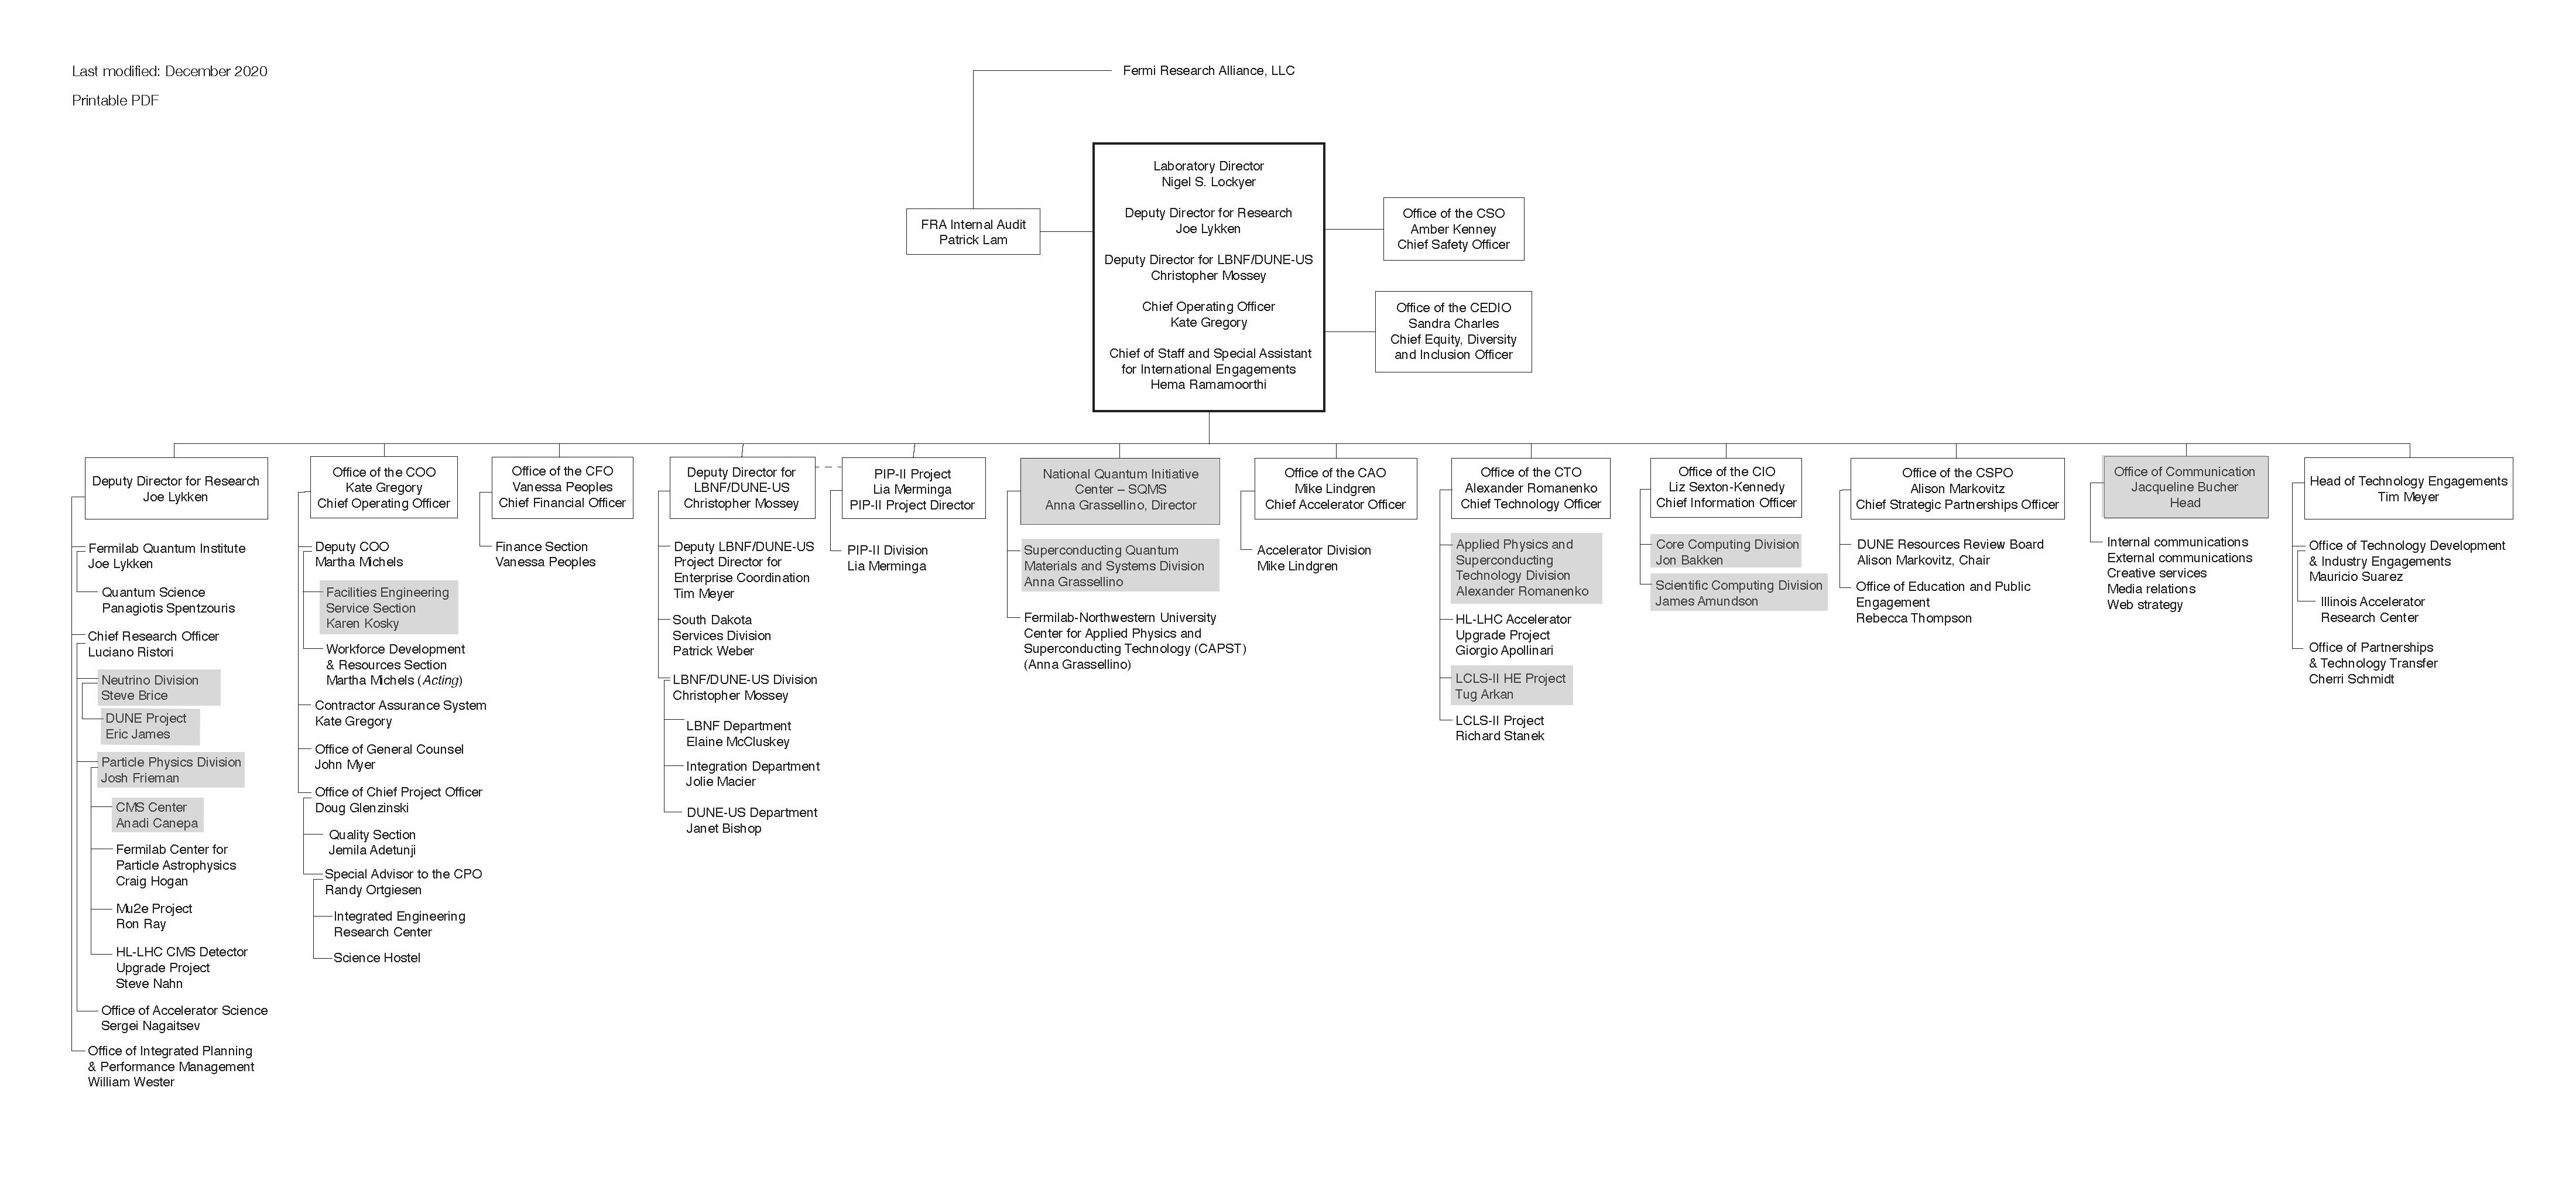 Fermilab Org Chart